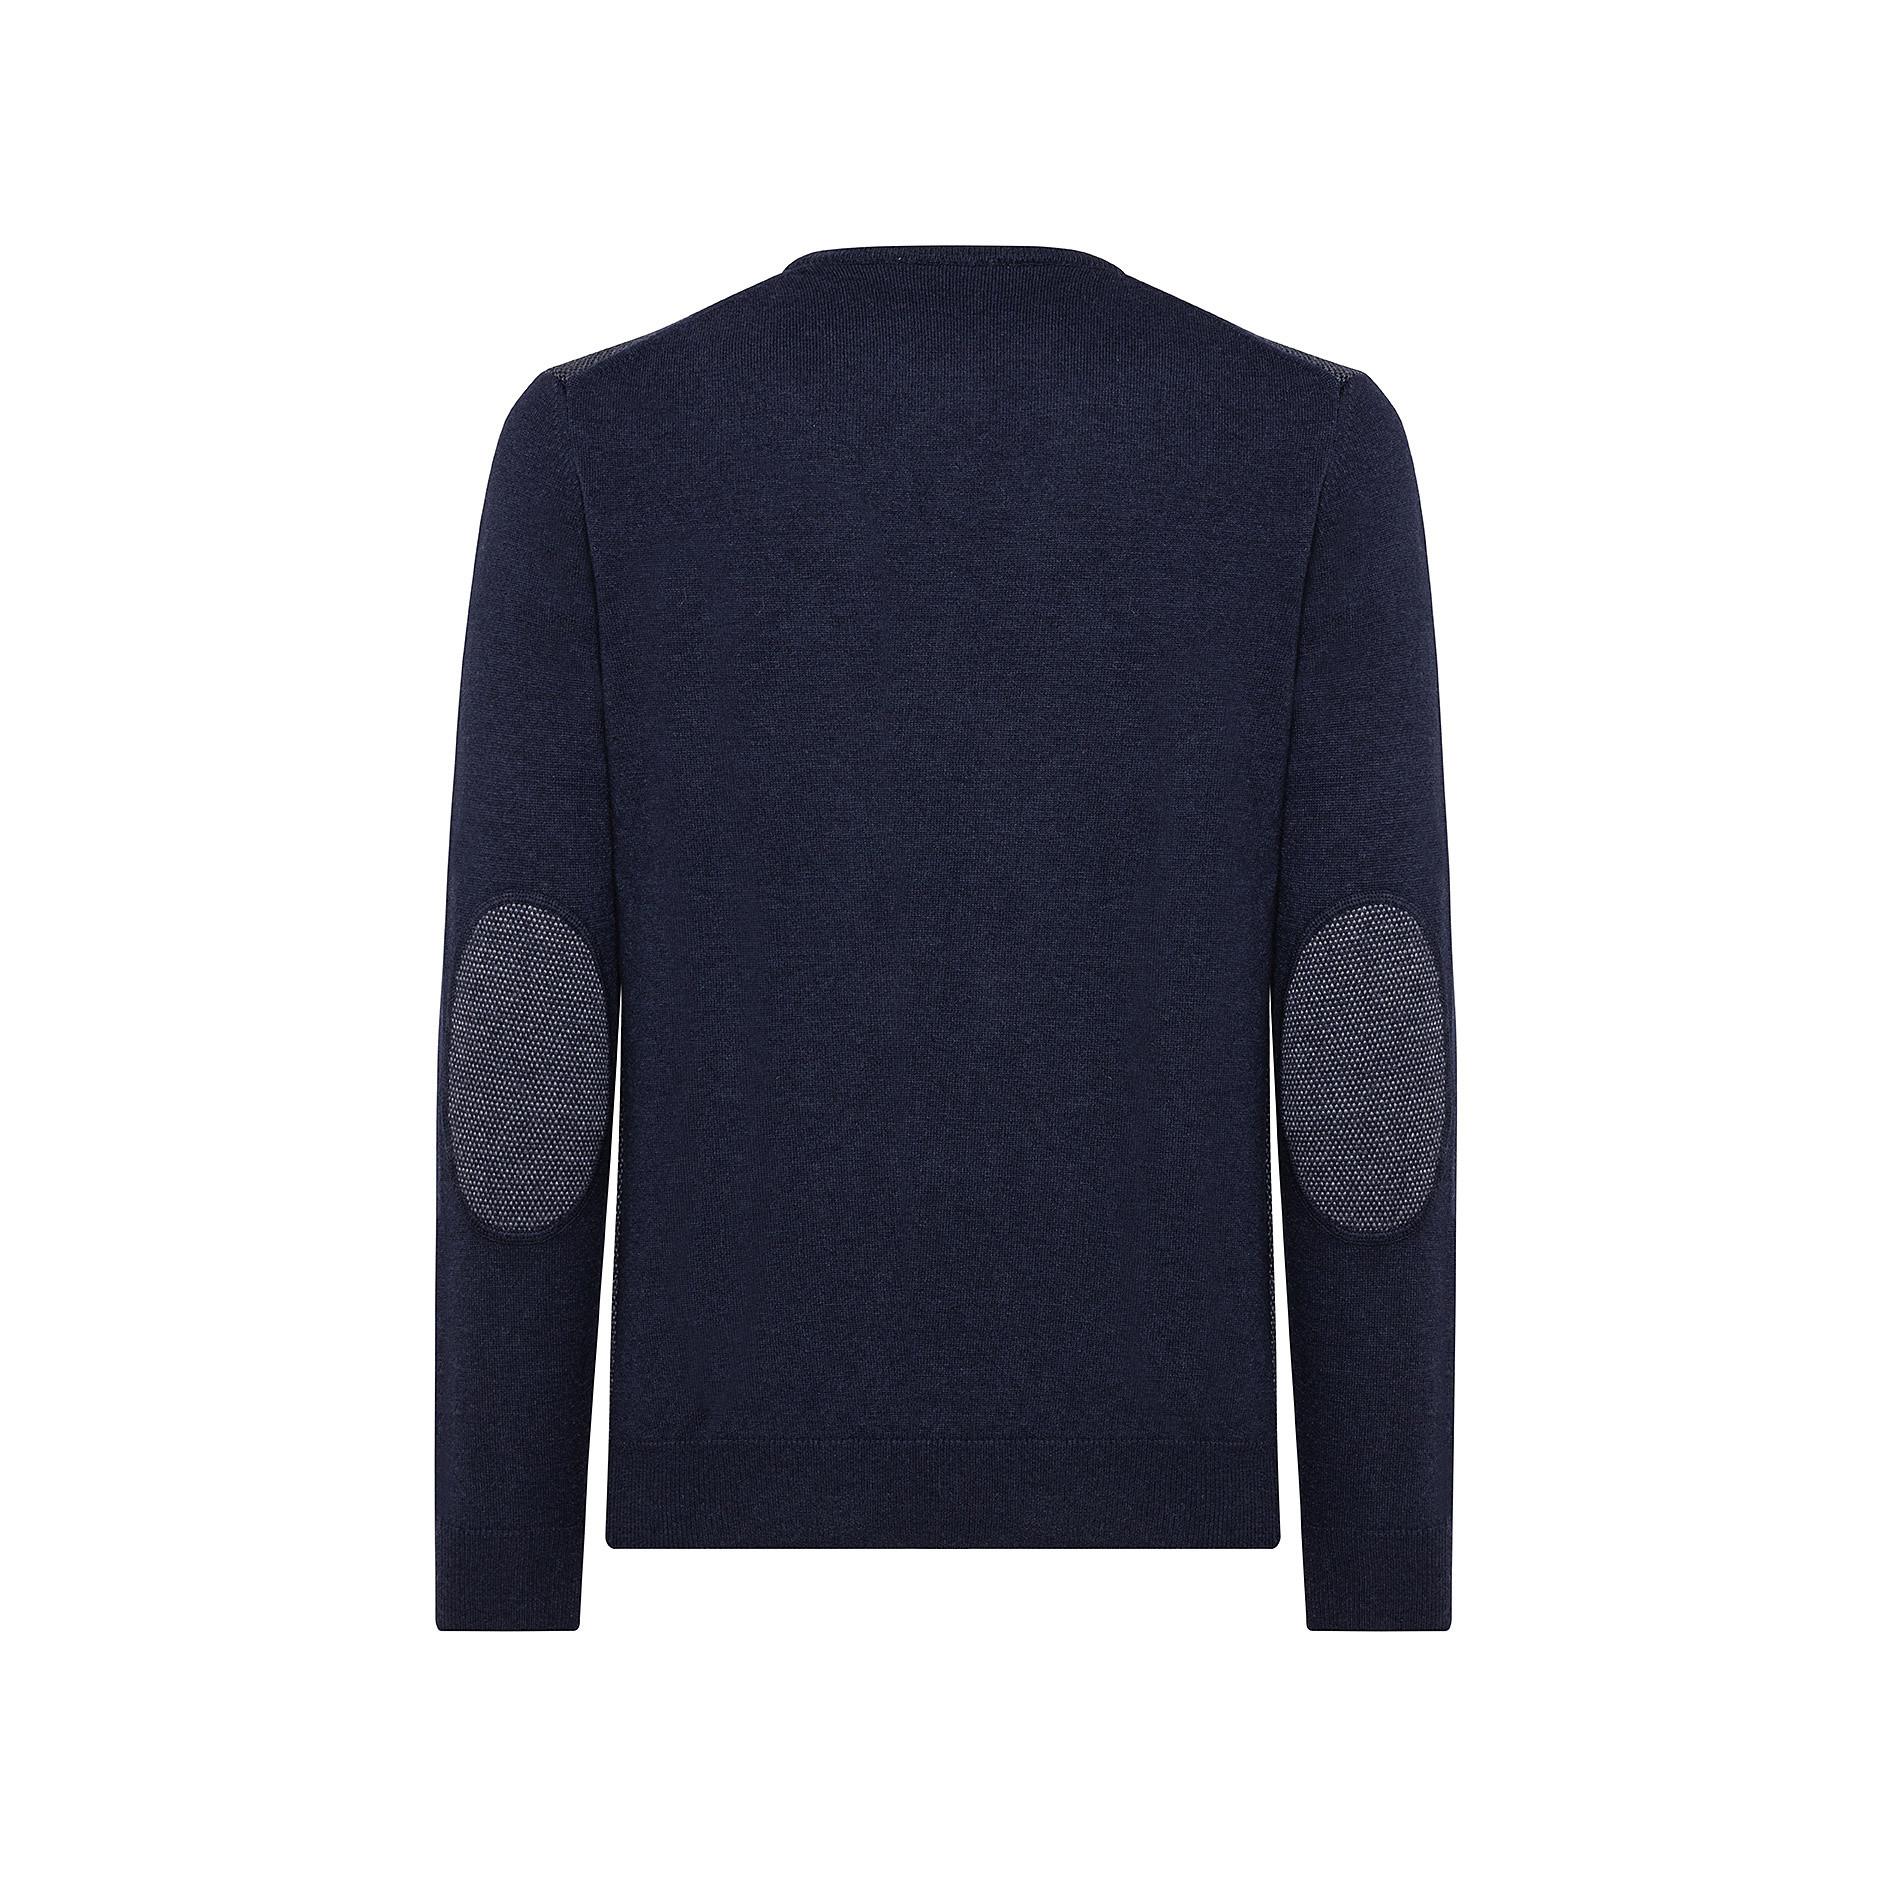 Pullover girocollo misto lana motivo piquet, Blu, large image number 1